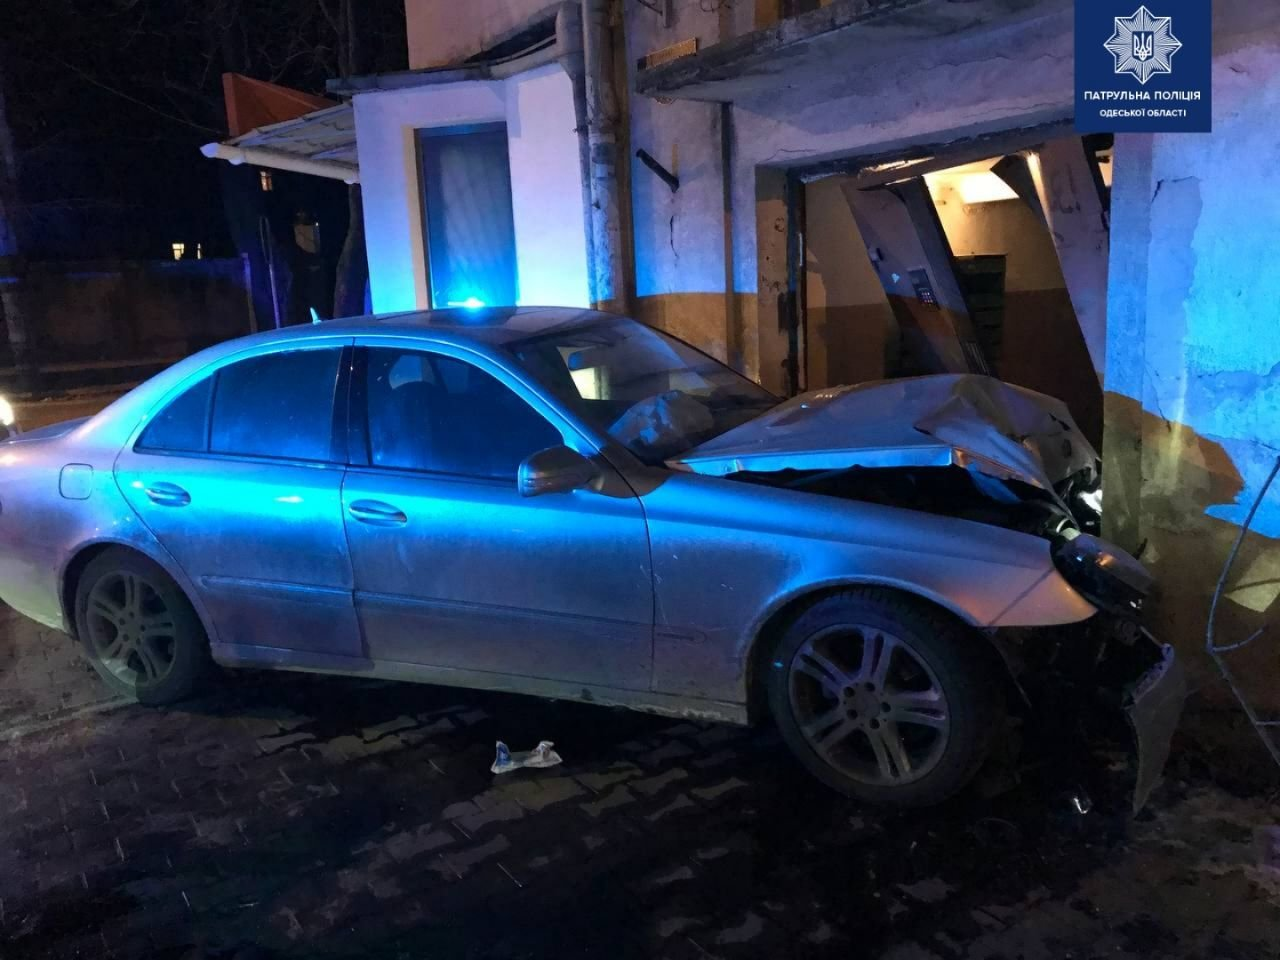 В Одессе пьяный водитель врезался в дом, - ФОТО, фото-2